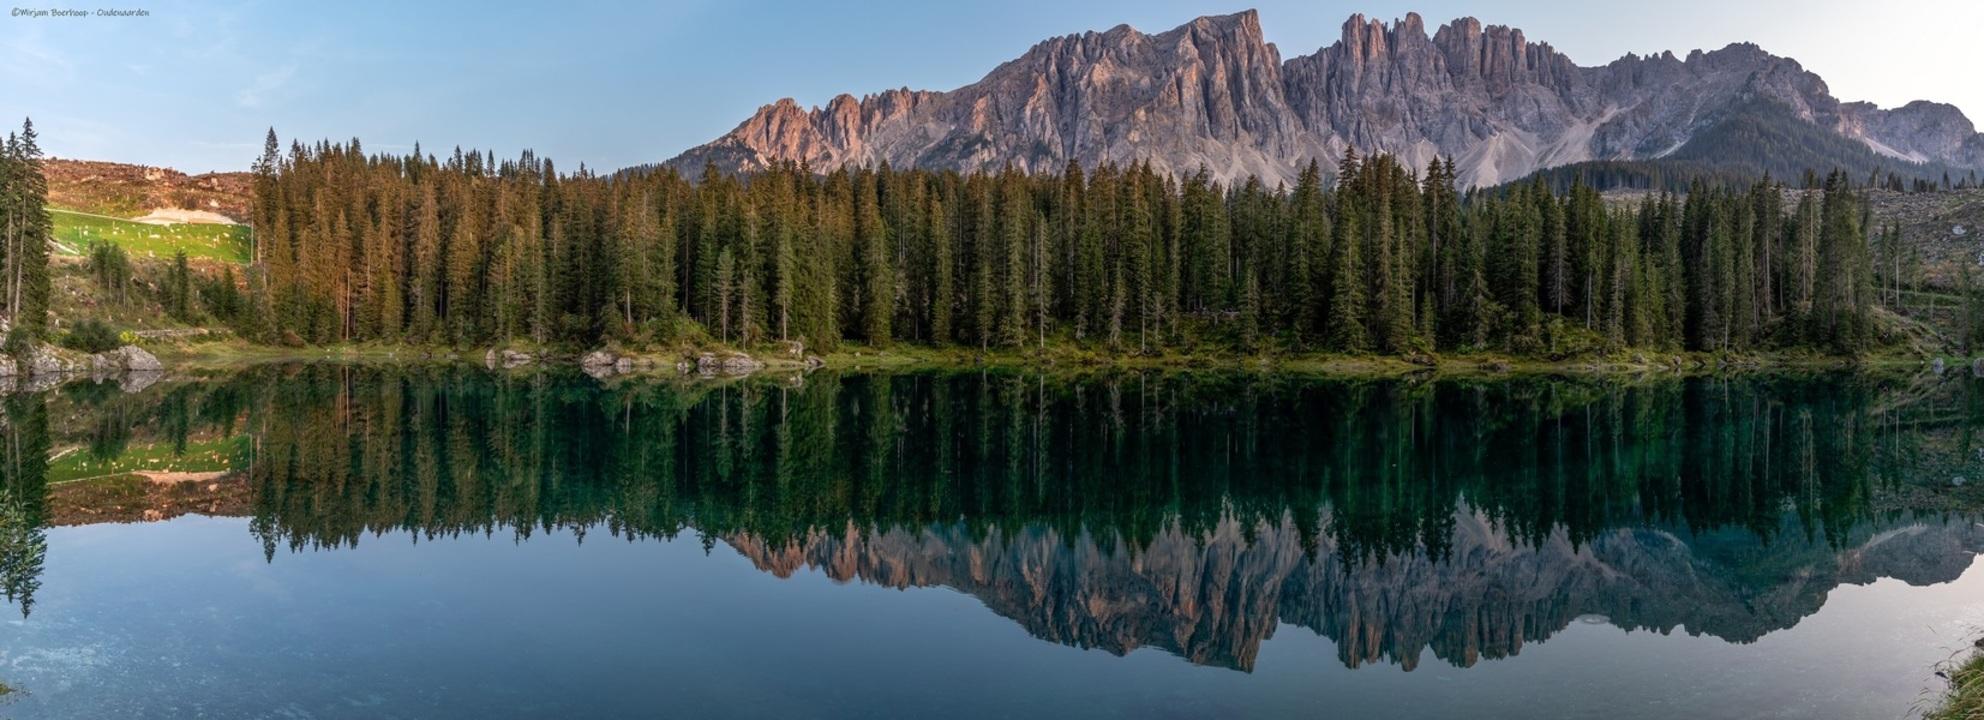 Lago di Carezza - - - foto door m_oudenaarden op 18-10-2020 - deze foto bevat: groen, lucht, kleur, boom, uitzicht, water, panorama, natuur, licht, avond, vakantie, bewerkt, spiegeling, reizen, landschap, bos, bomen, bergen, meer, bewerking, italie, photoshop, dolomieten, lago, reisfotografie, europa, lightroom, nik, karersee, fotohela, lago di carezza